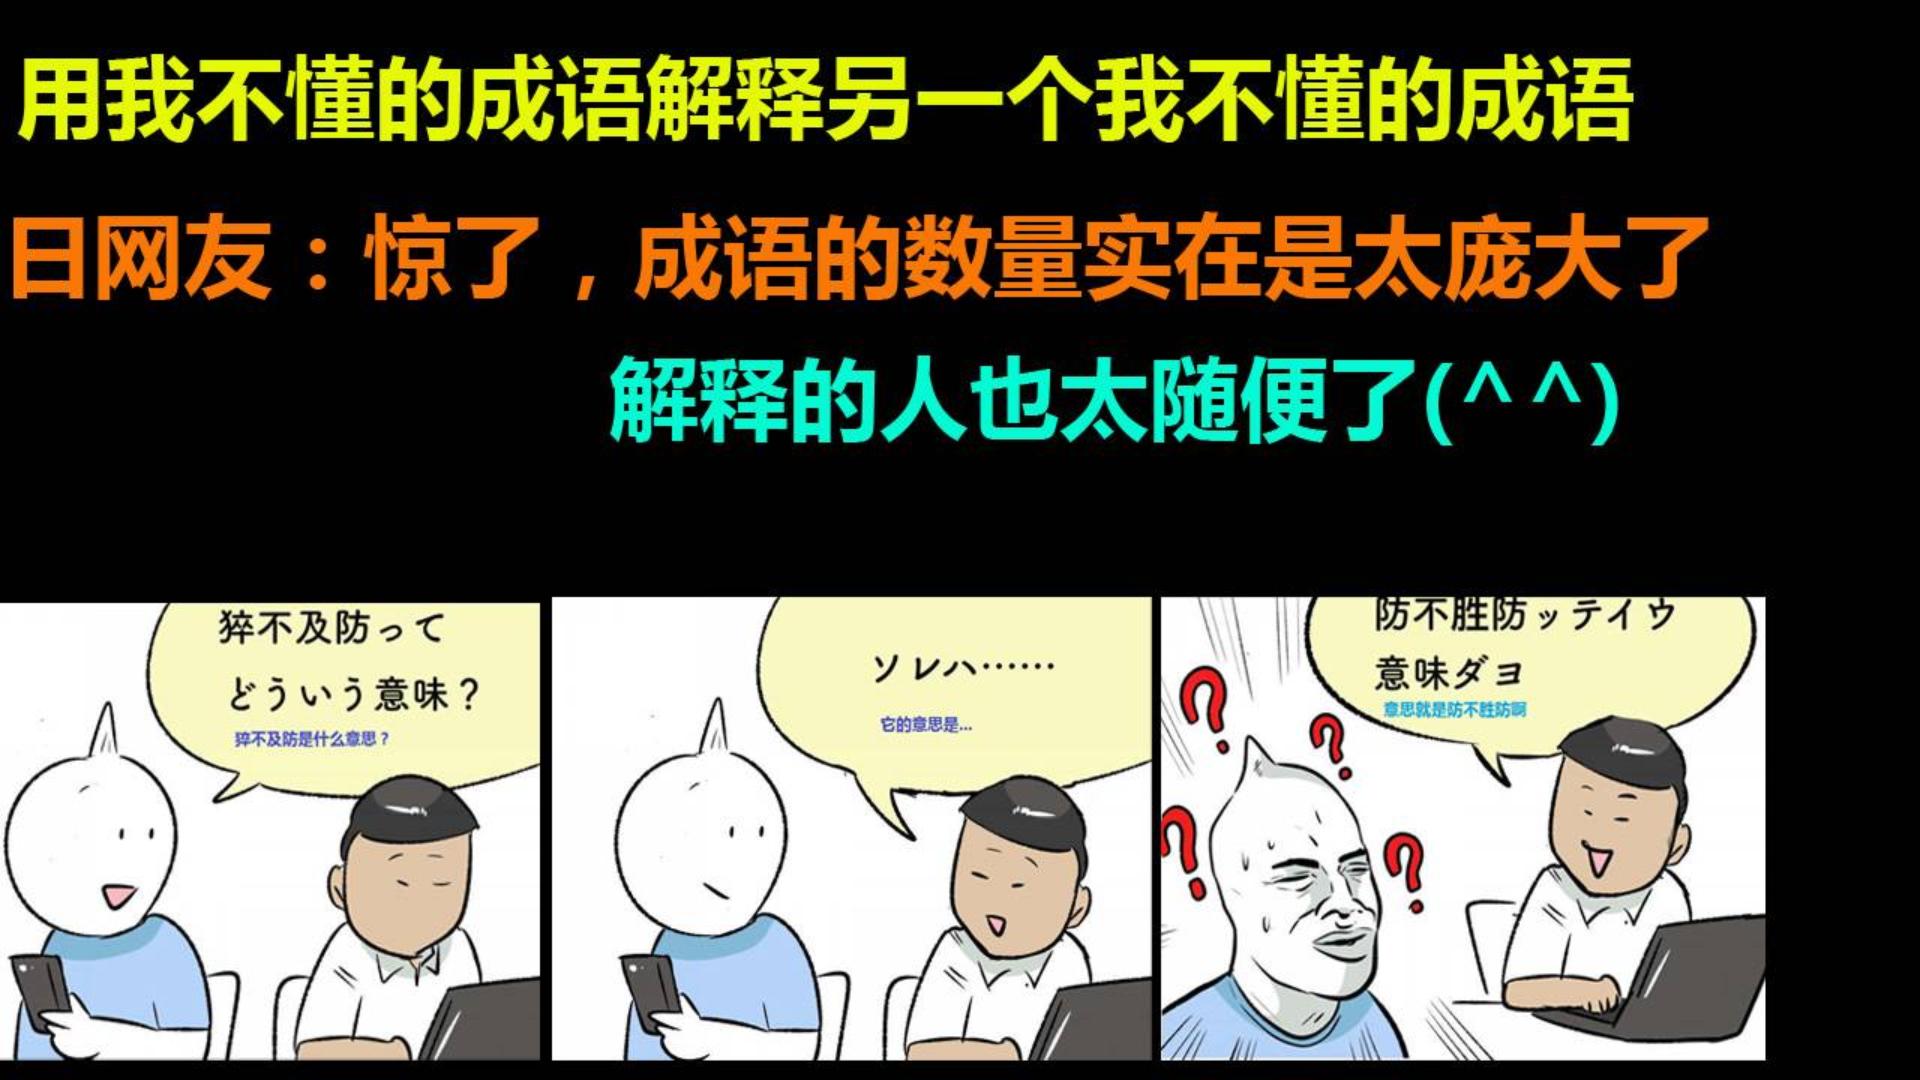 【各国网友热议】中国人、韩国人和日本人的主要区别是什么他们不喜欢对方吗